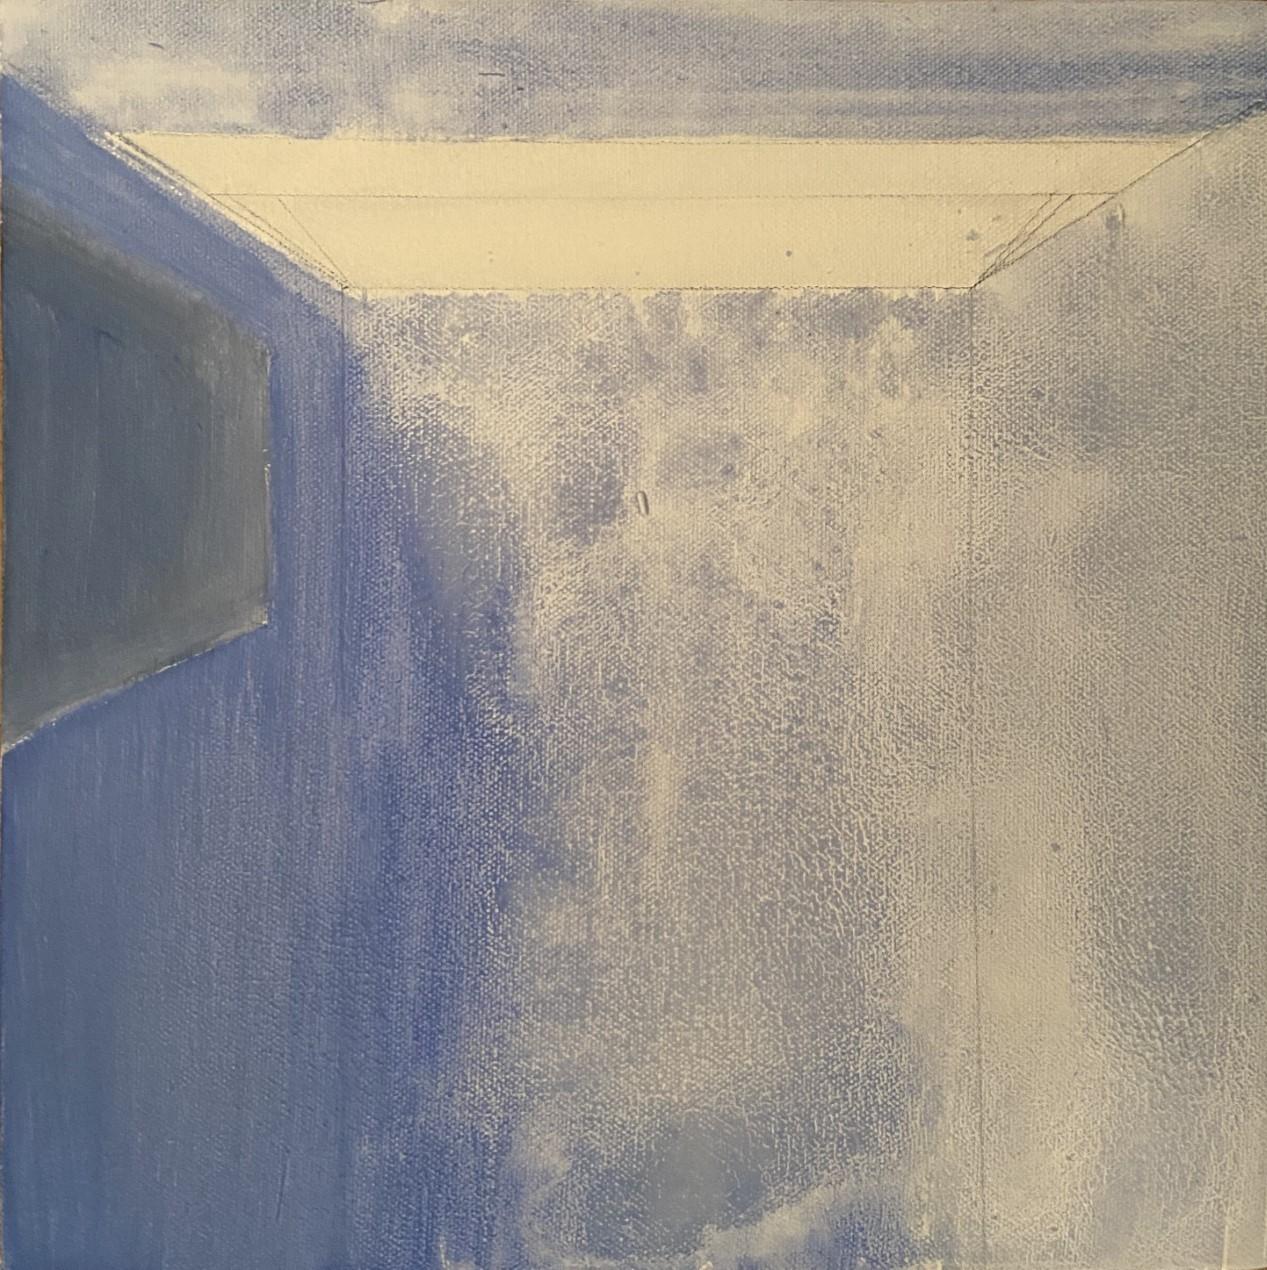 The Door In The Ceiling